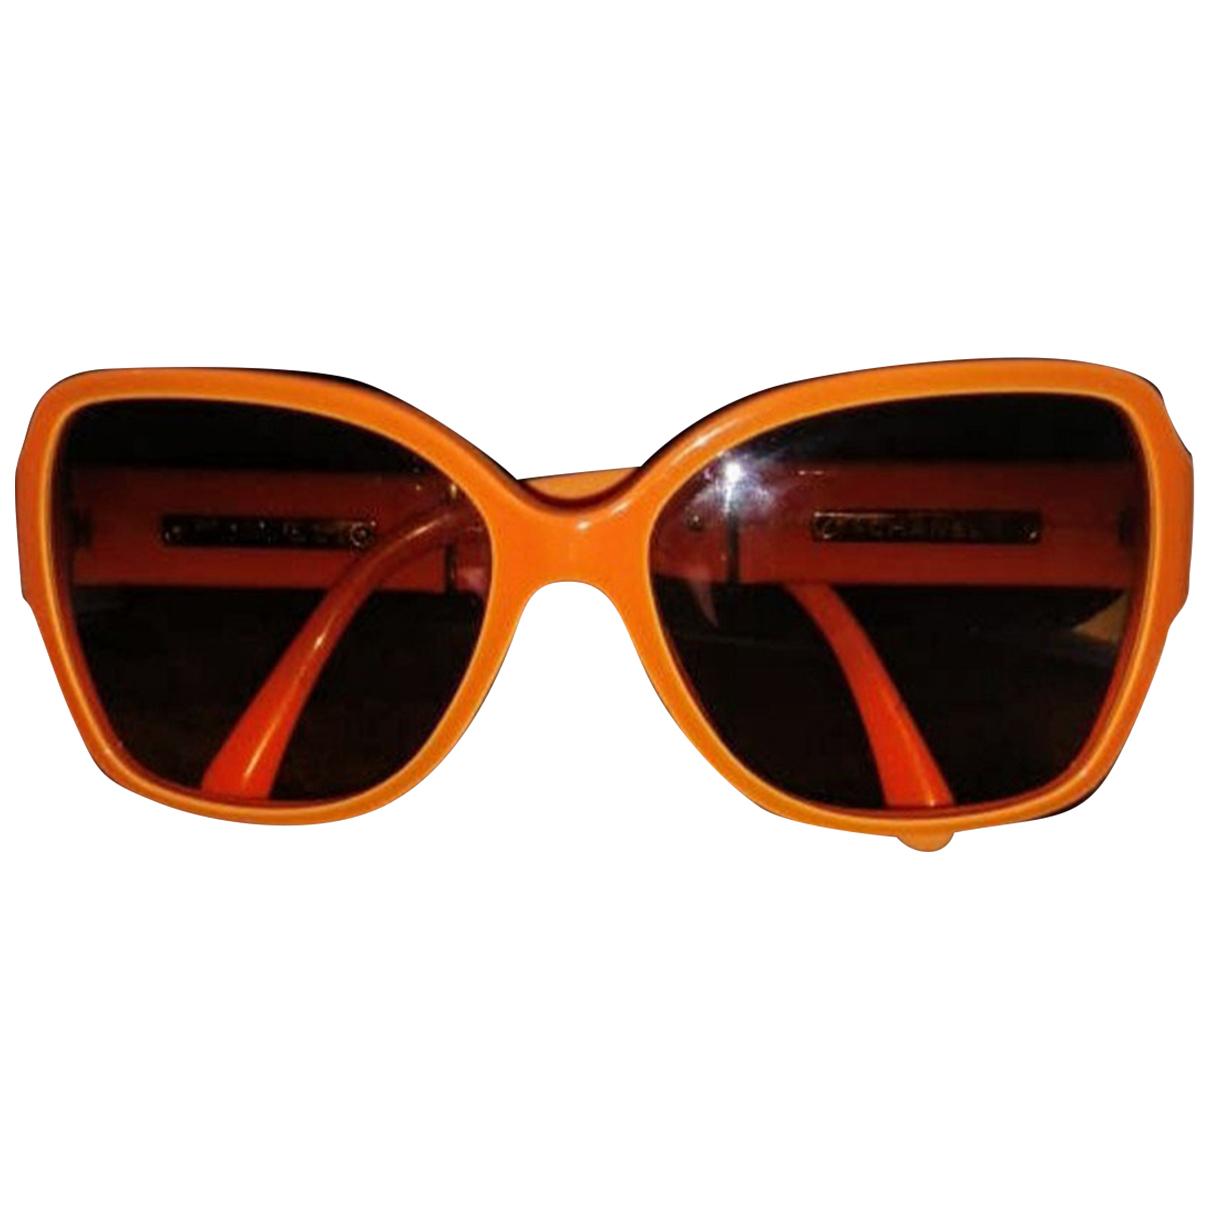 Chanel - Lunettes   pour femme - orange